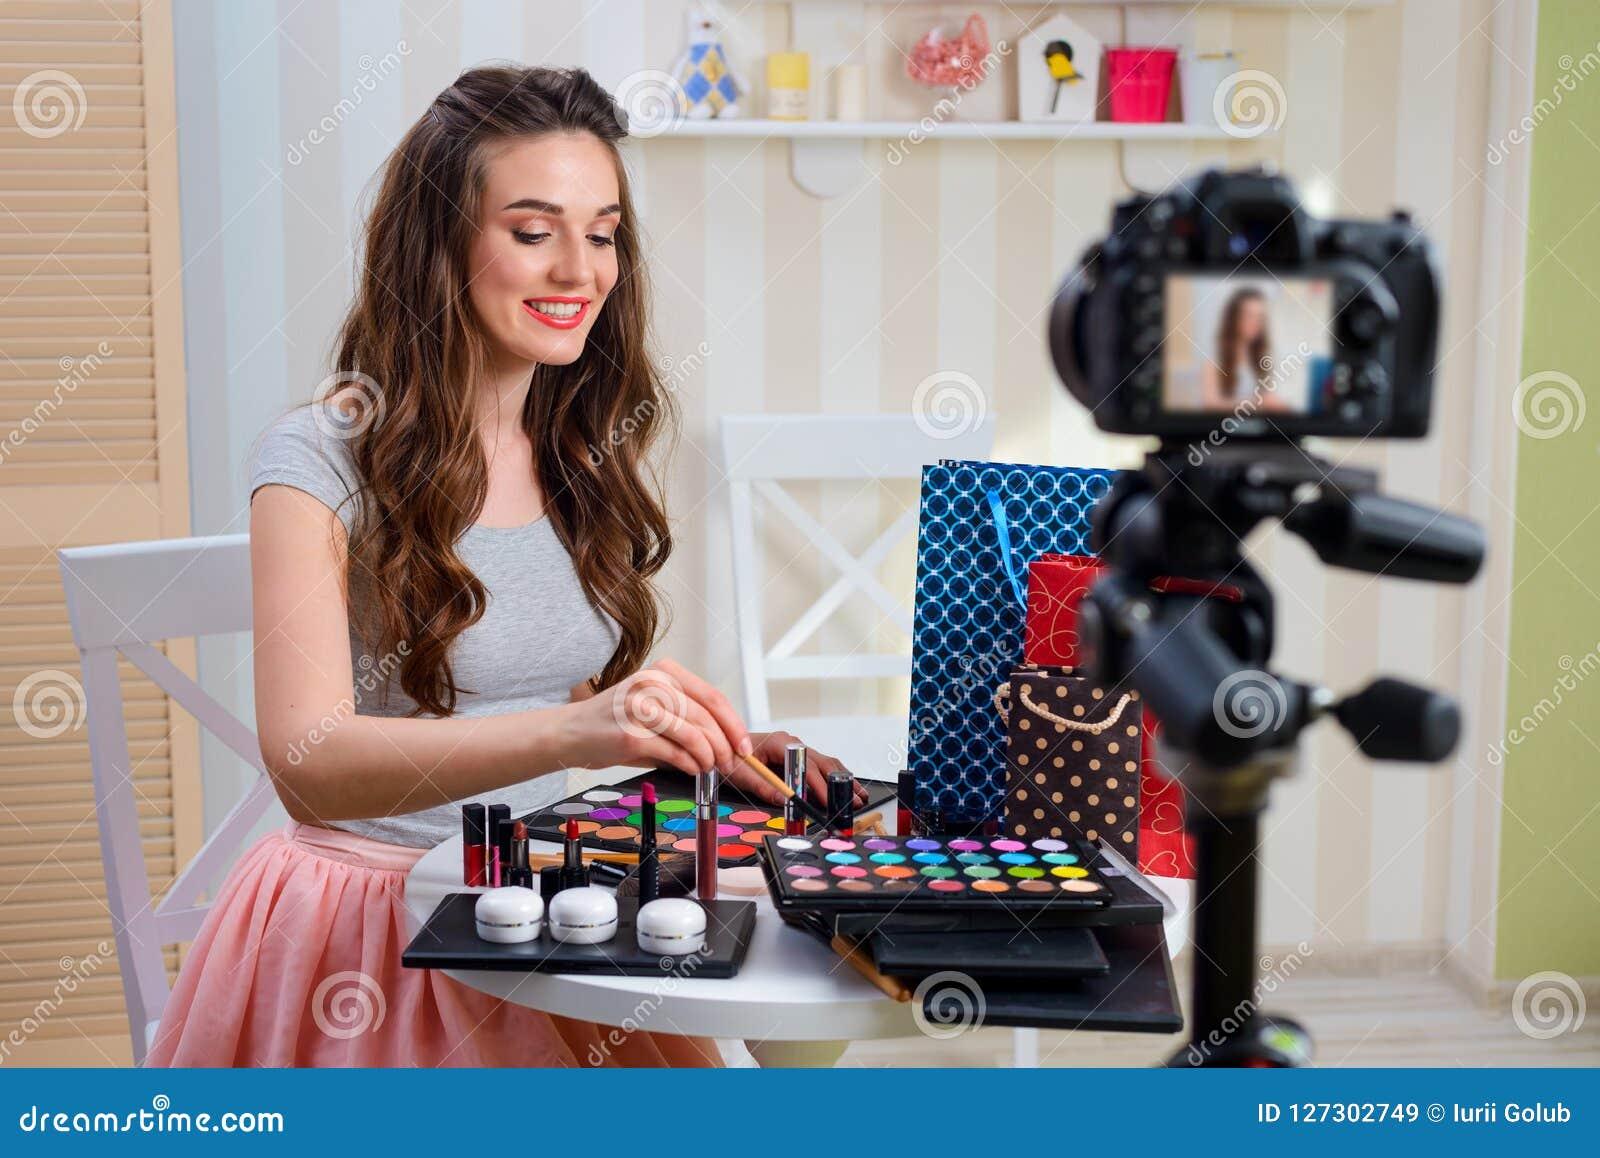 De make-upleerprogramma van de schoonheids blogger opname